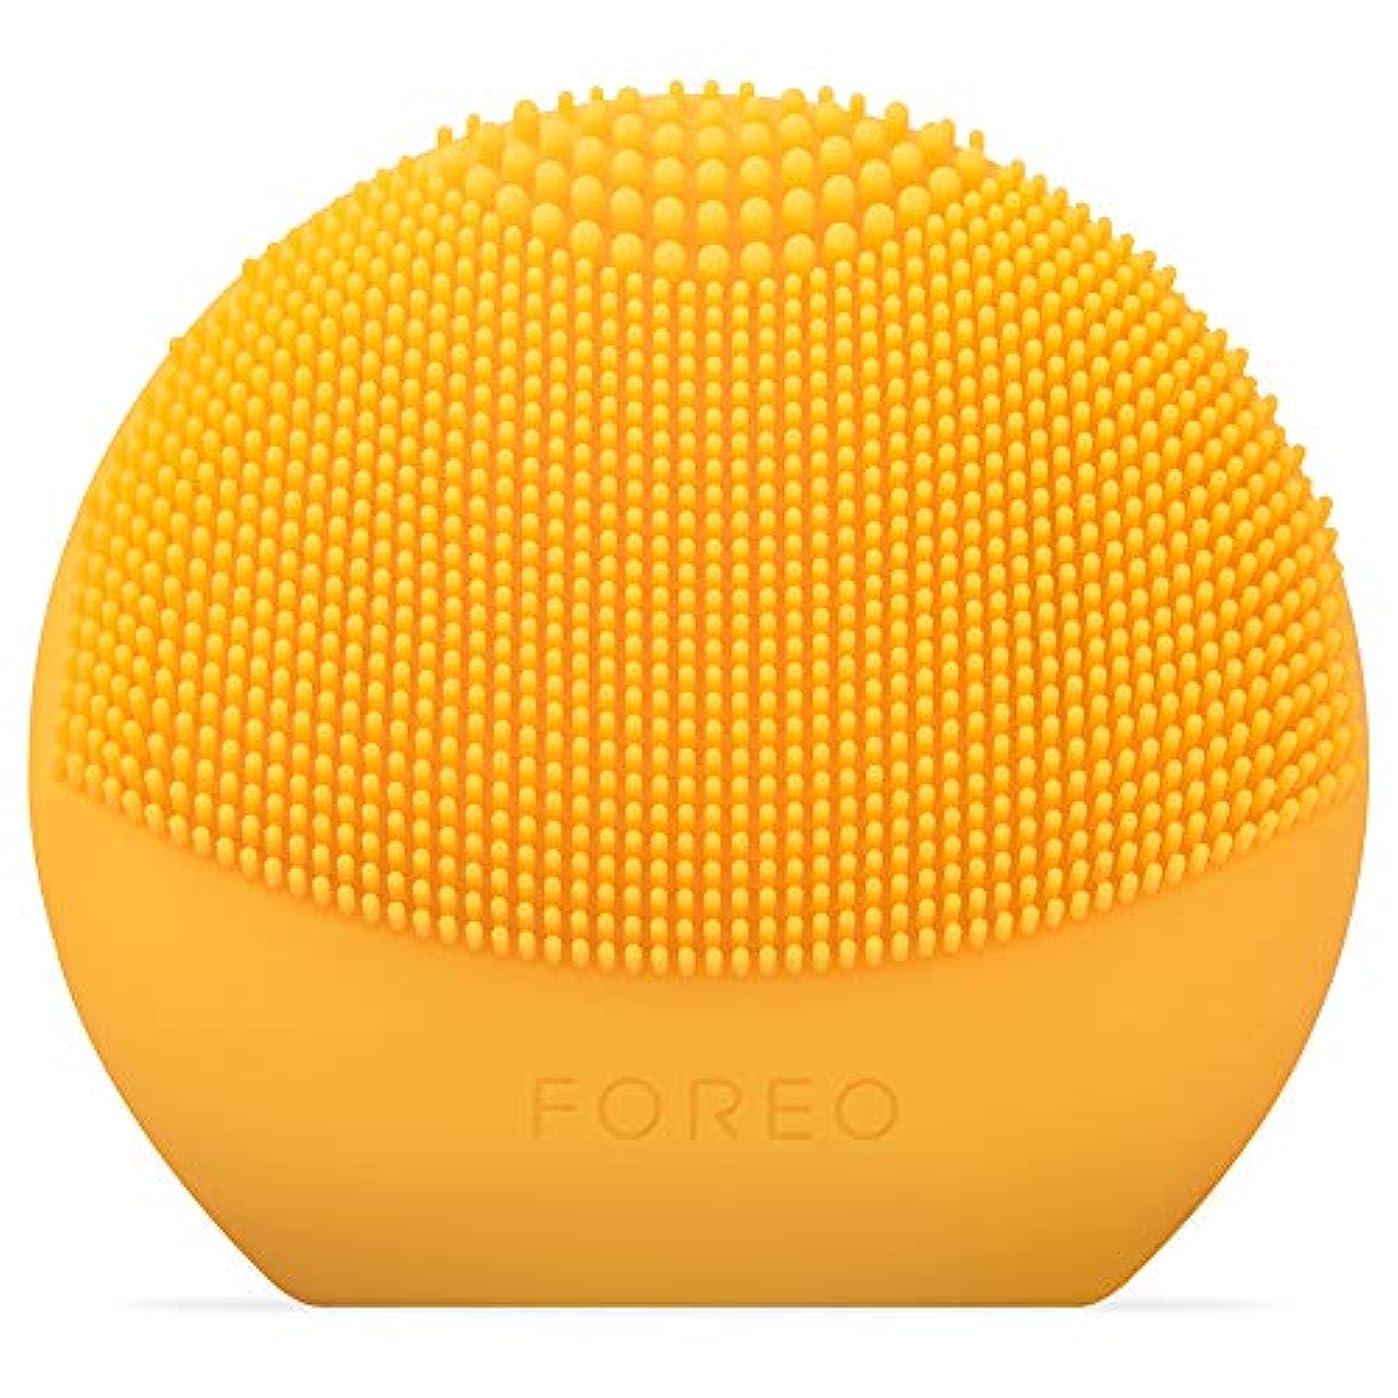 欺く動自伝FOREO LUNA fofo サンフラワーイエロー スマートクレンジングデバイス 電動洗顔ブラシ シリコーン製